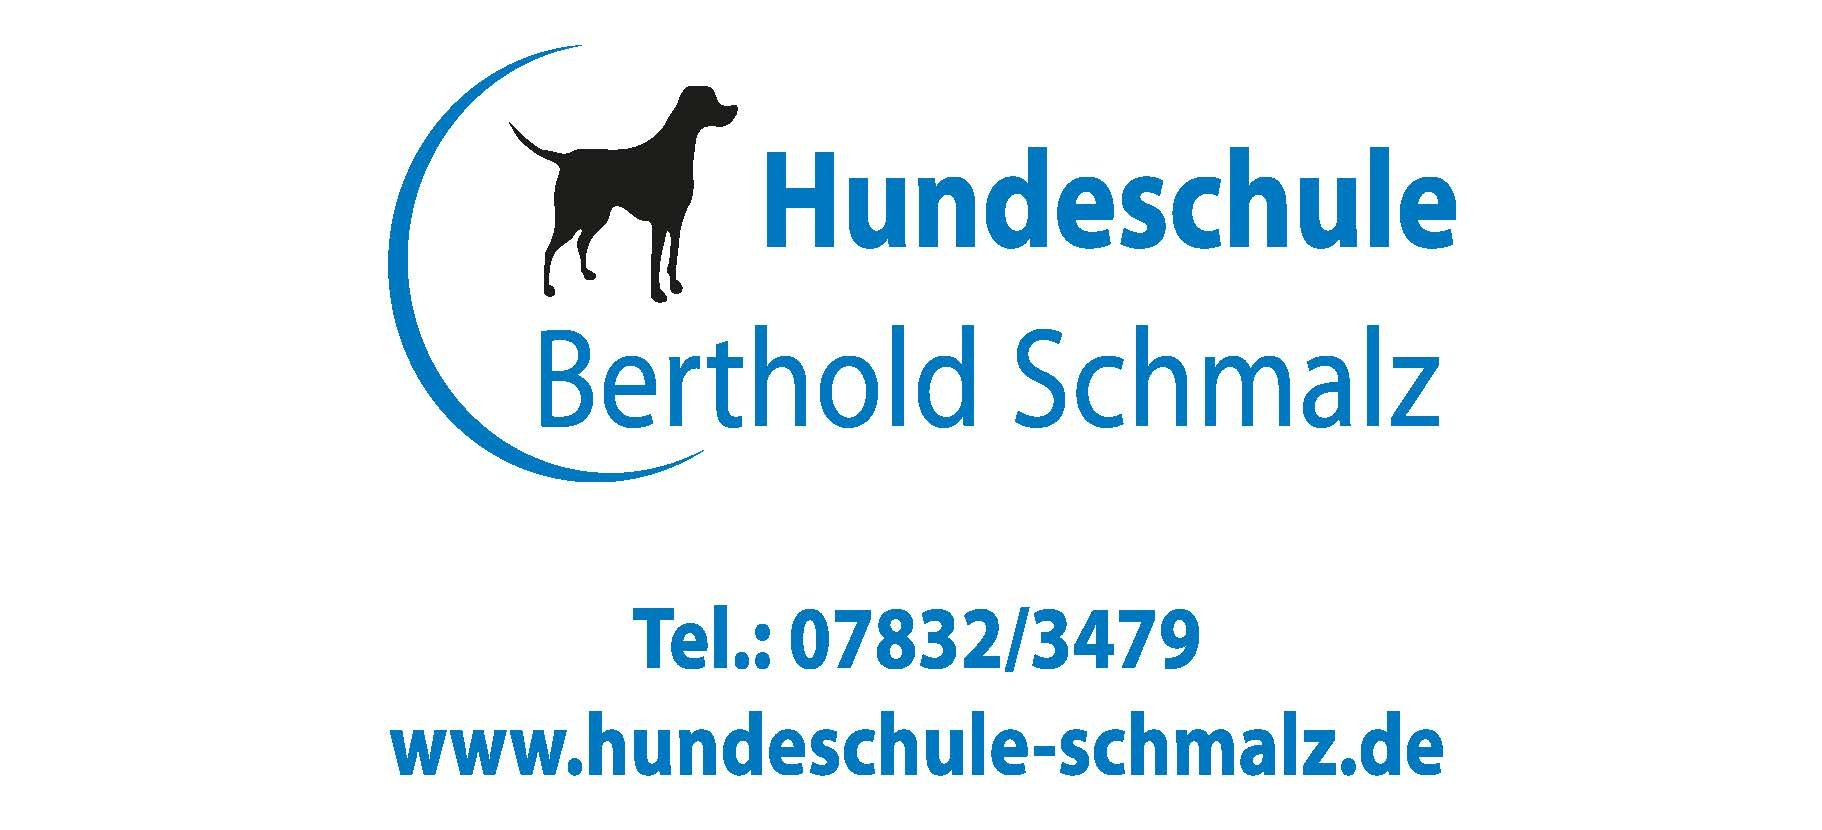 Logo Hundeschule Schmalz